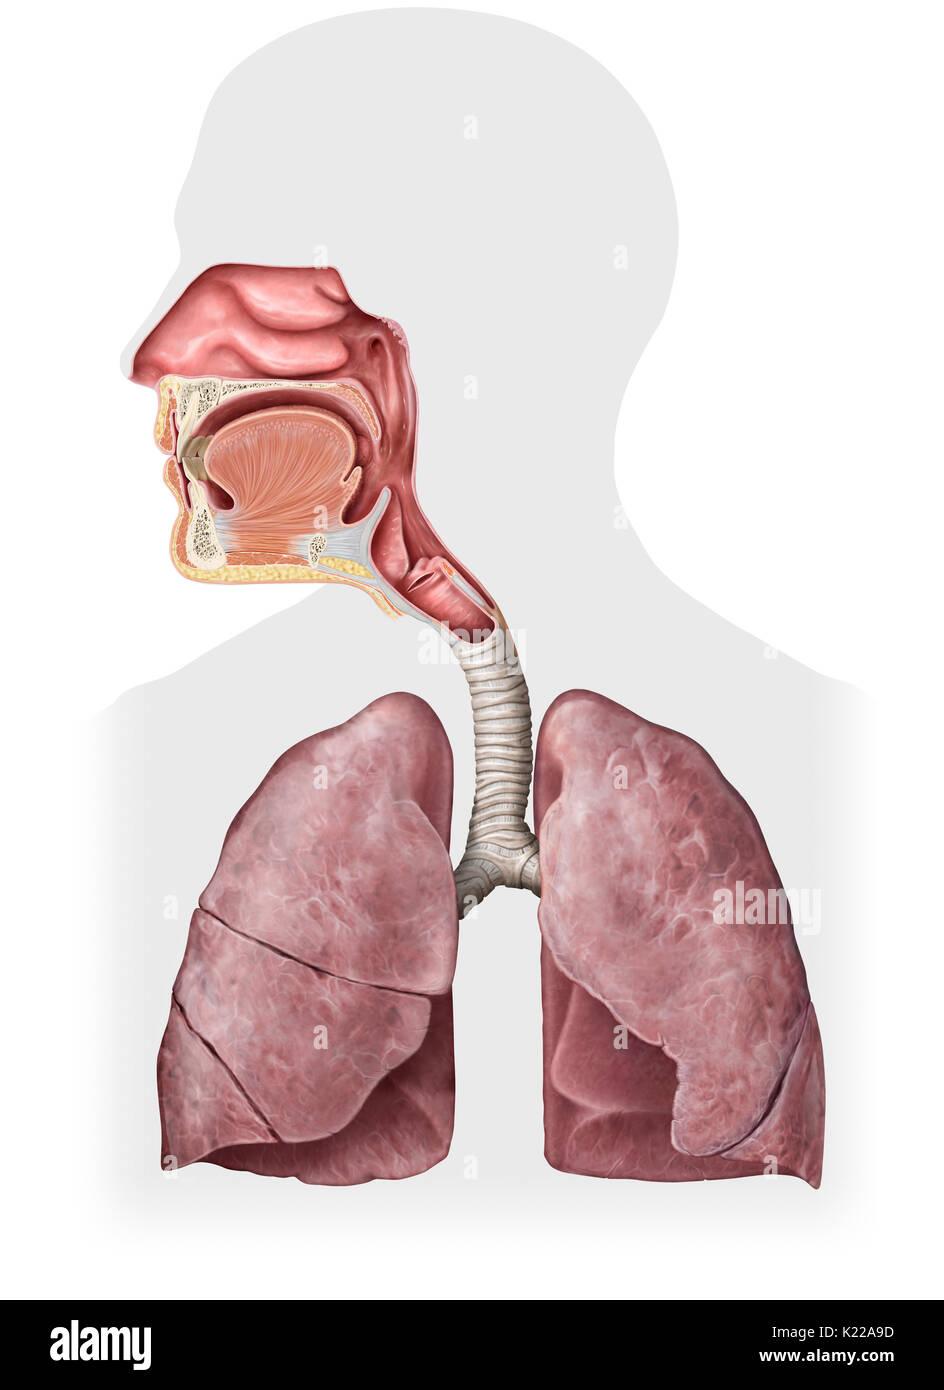 Dieses Bild zeigt die Organe der Atemwege, welche die Nasenhöhle ...